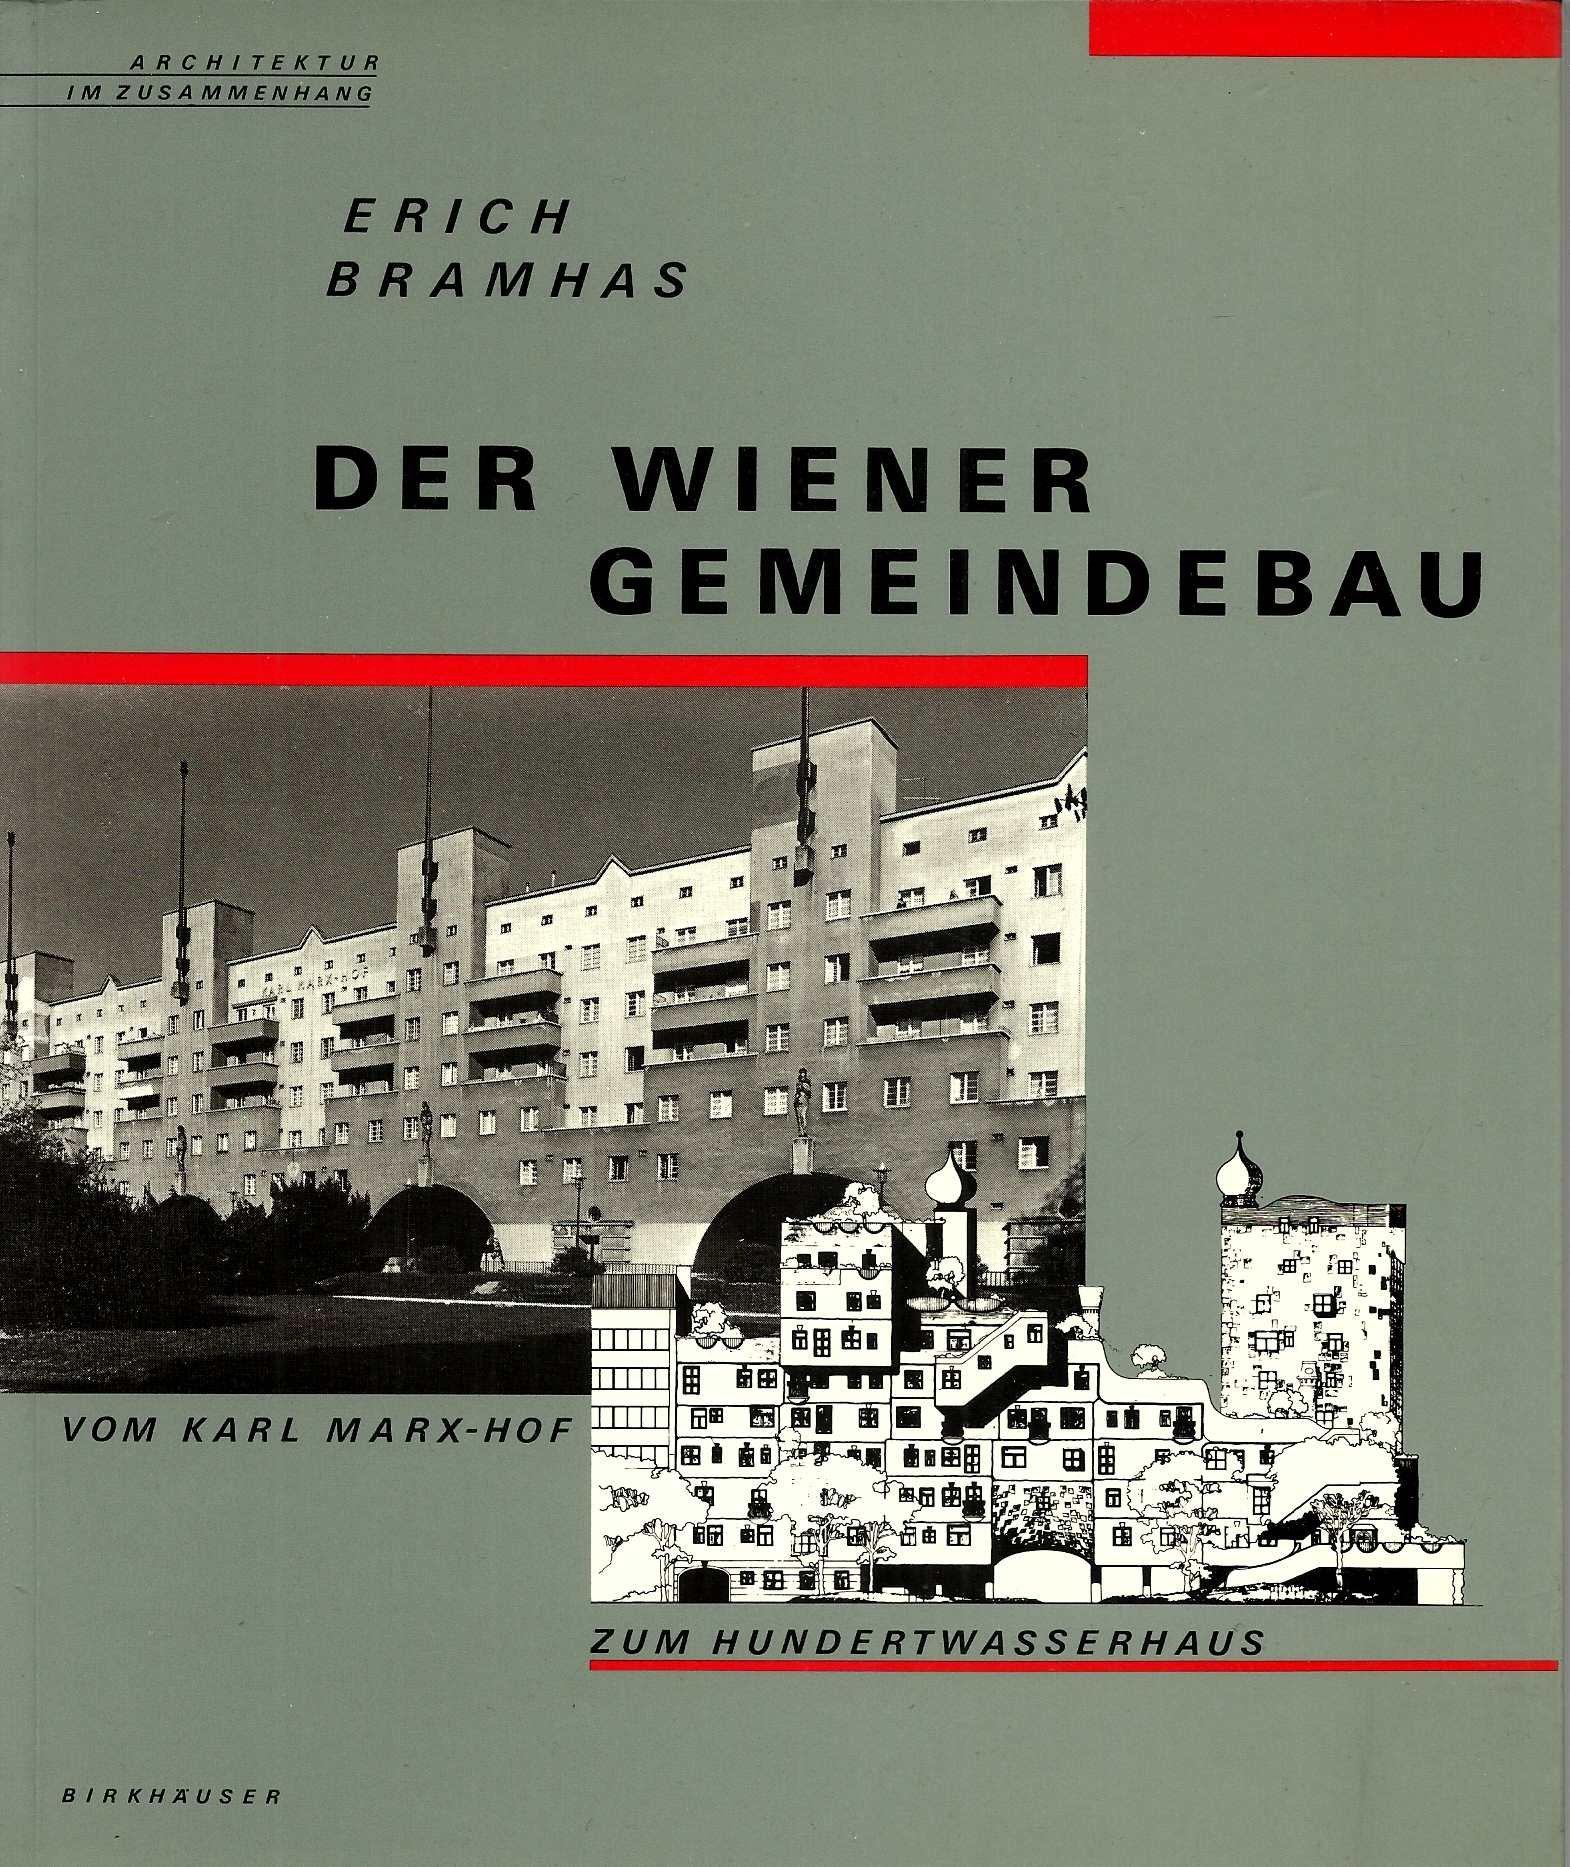 Der Wiener Gemeindebau  VOM KARL MARX HOF ZUM Hundertwasserhaus